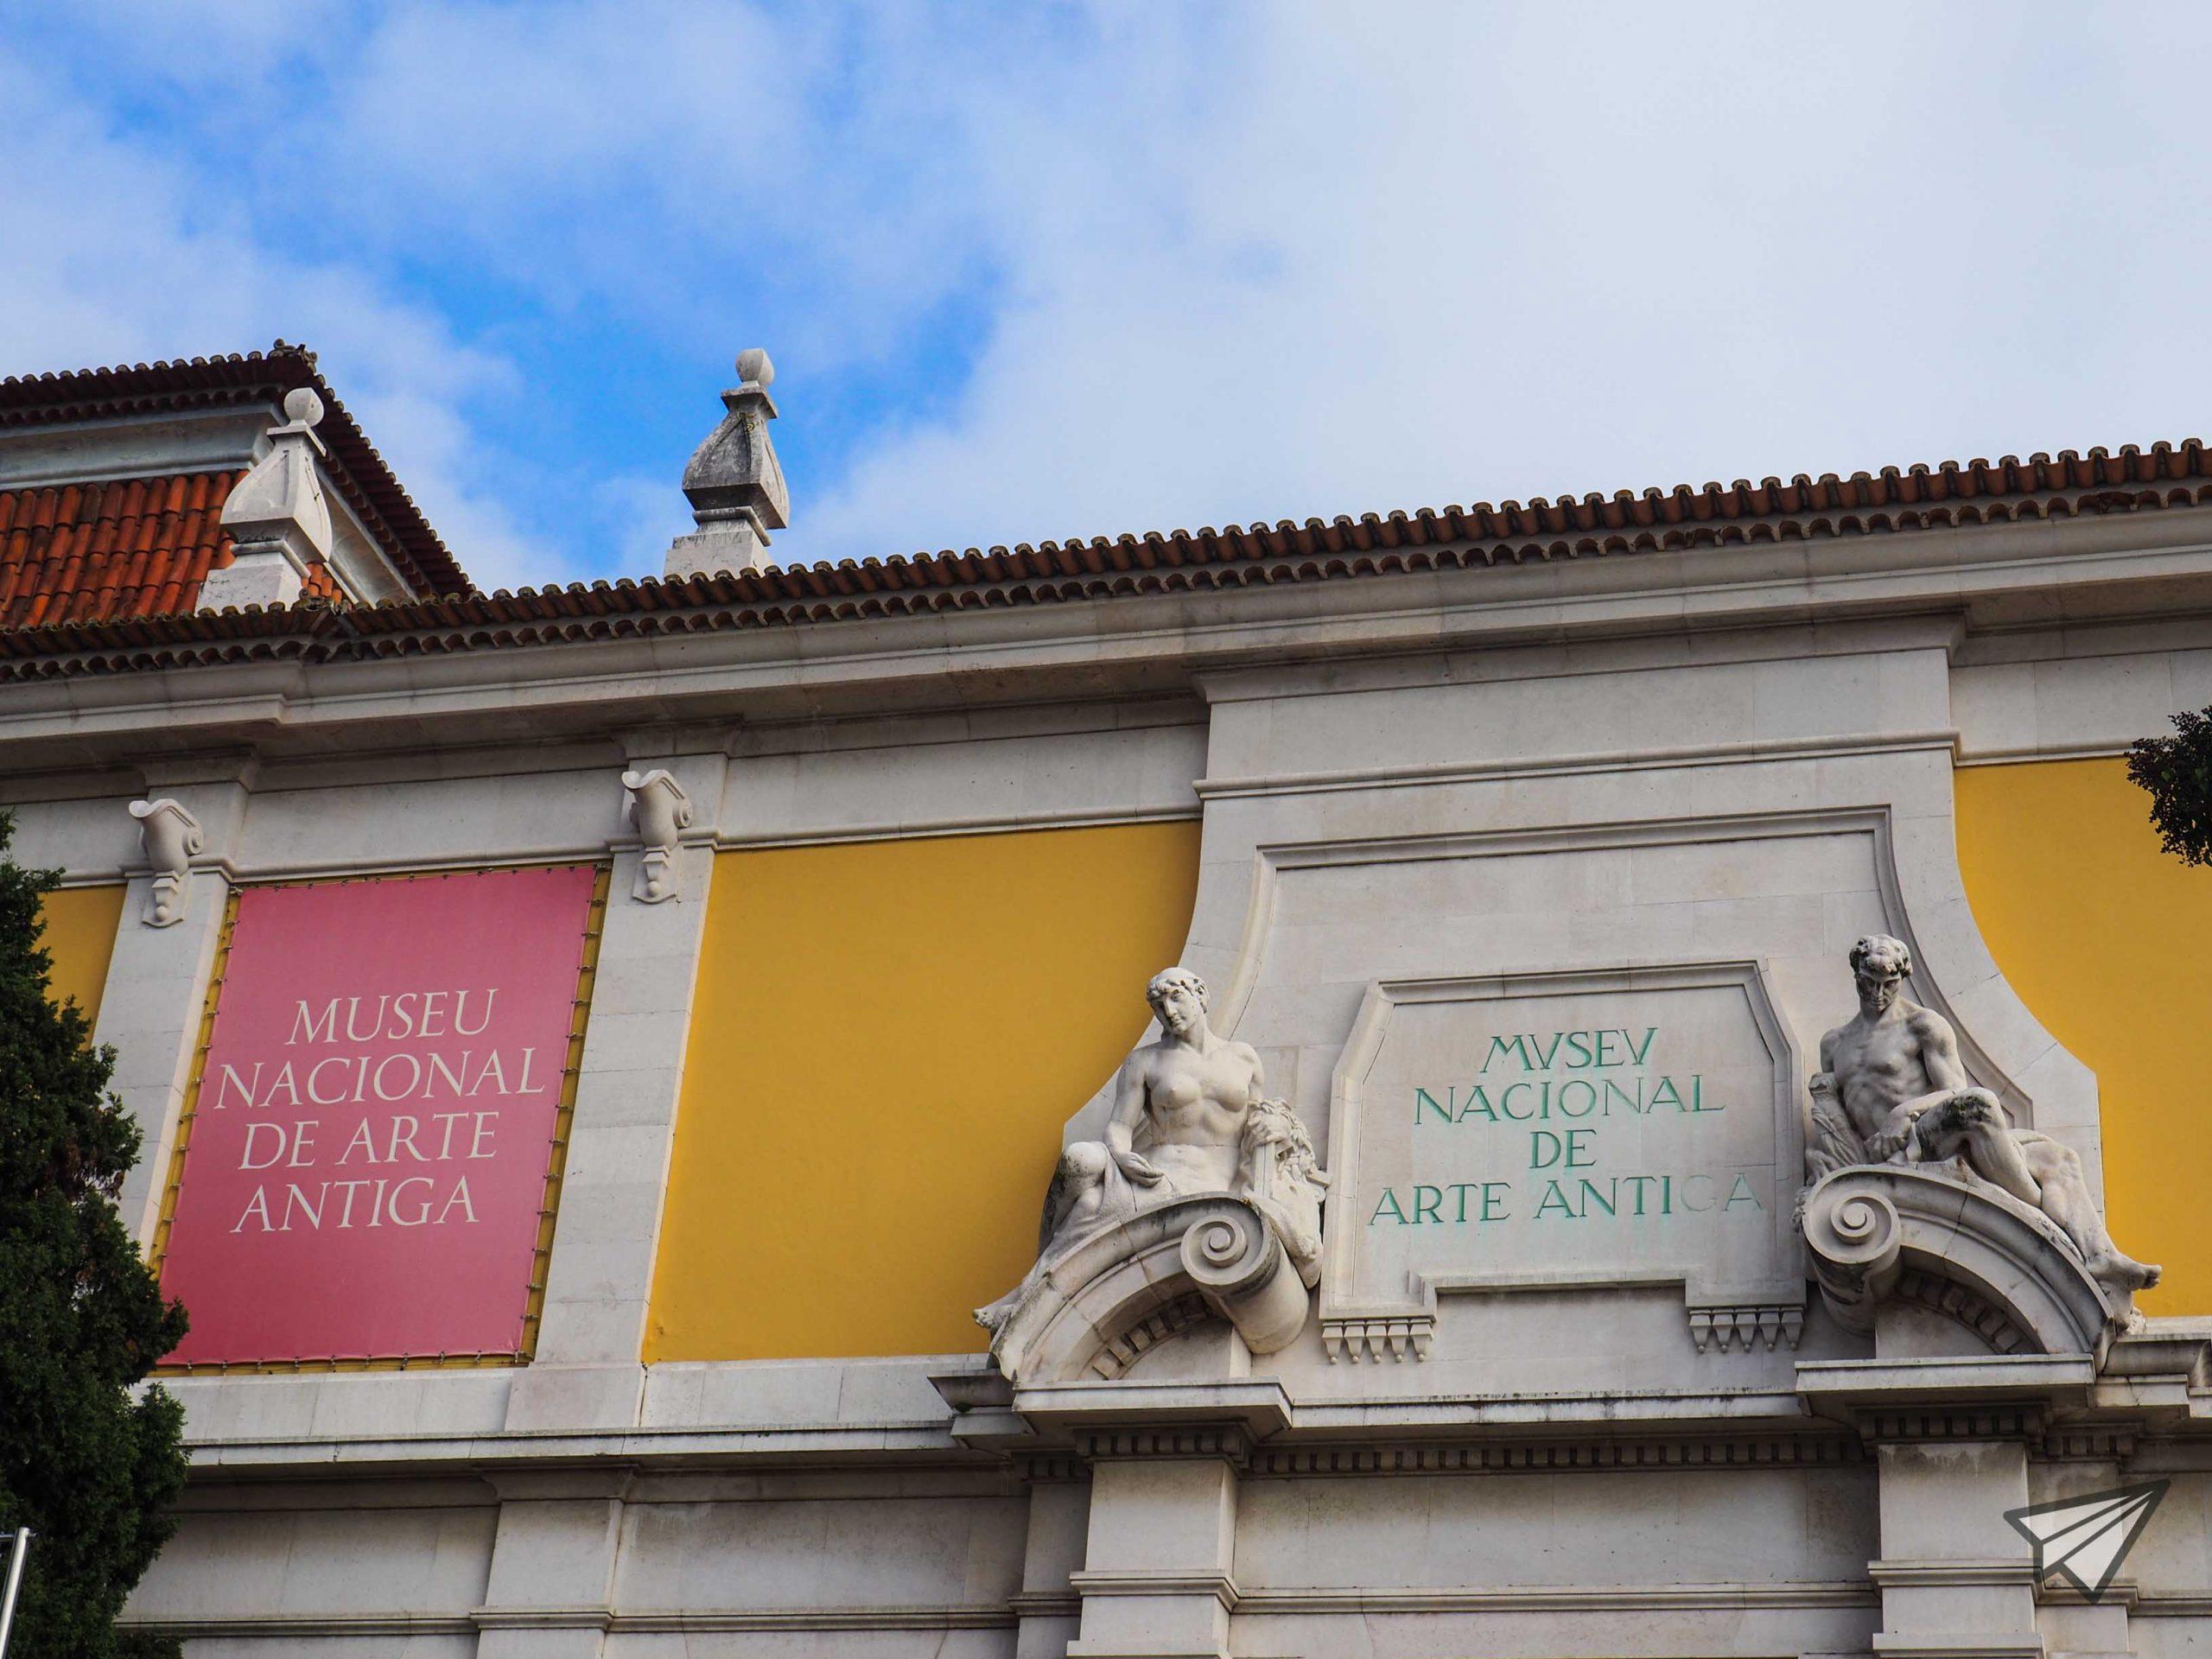 Museu Nacional de Arte Antigua